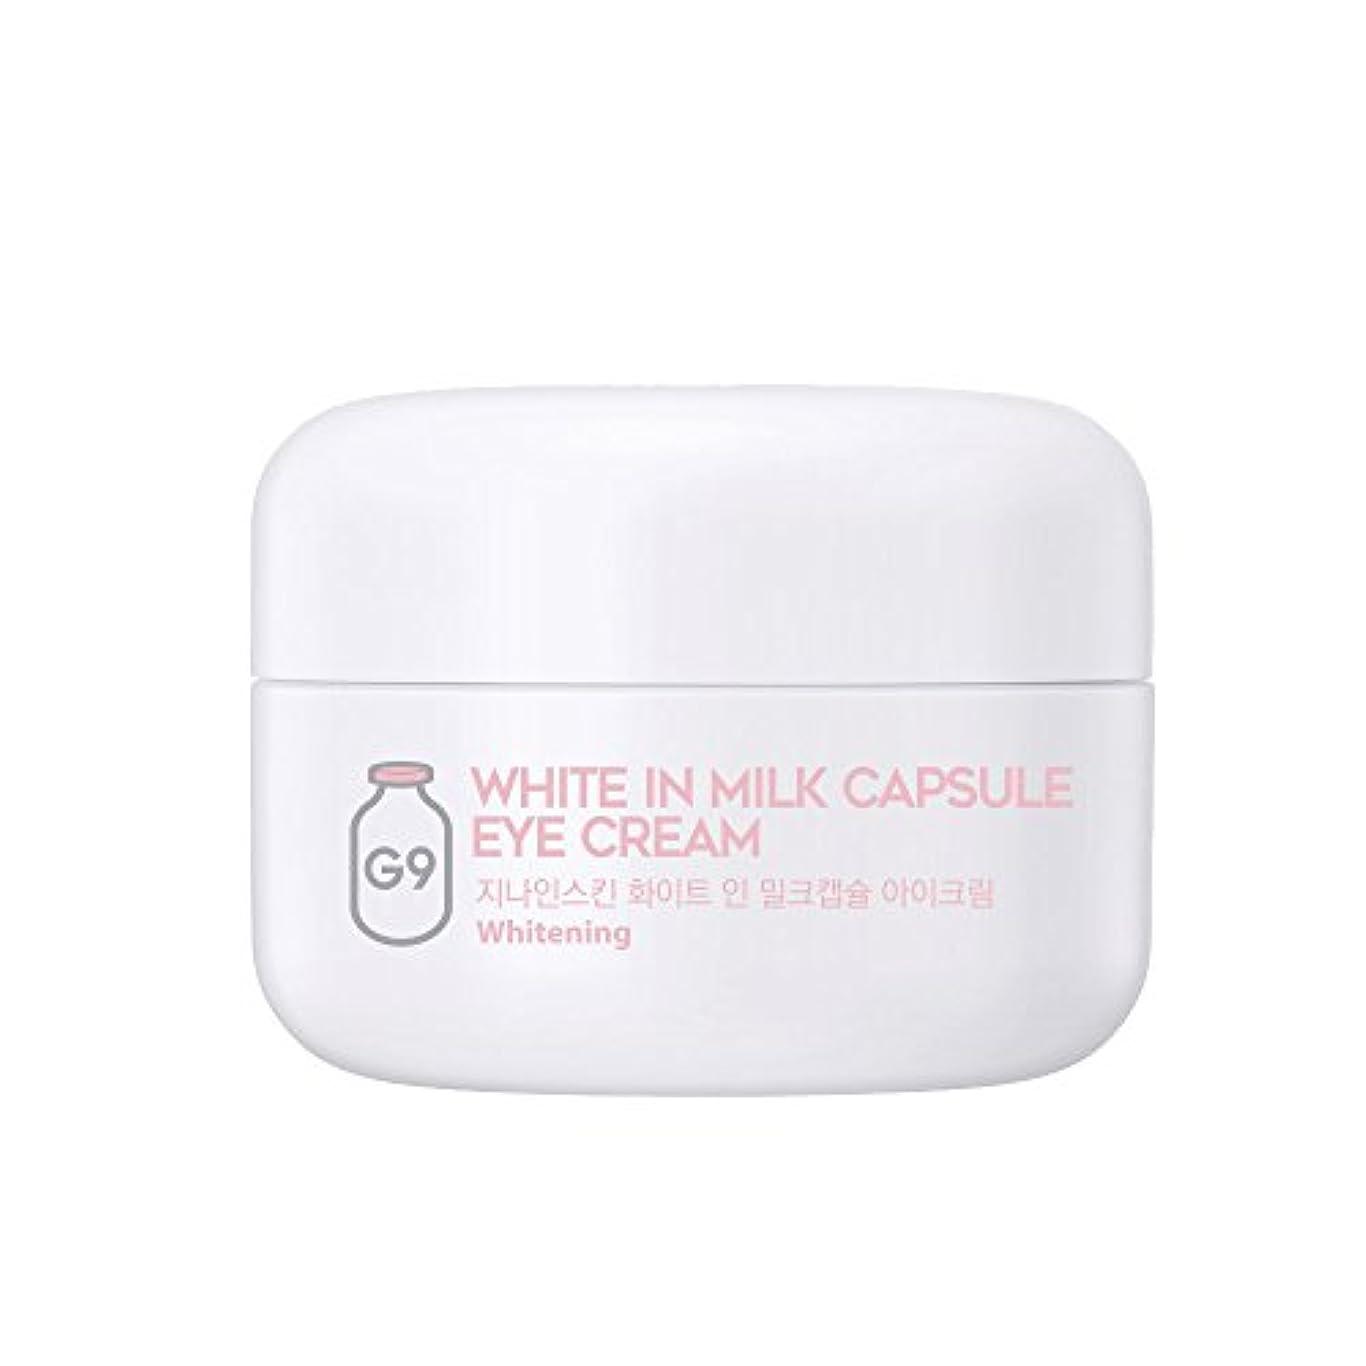 痛みシャッター音G9SKIN(ベリサム) White In Milk Capsule Eye Cream ホワイトインミルクカプセルアイクリーム 30g